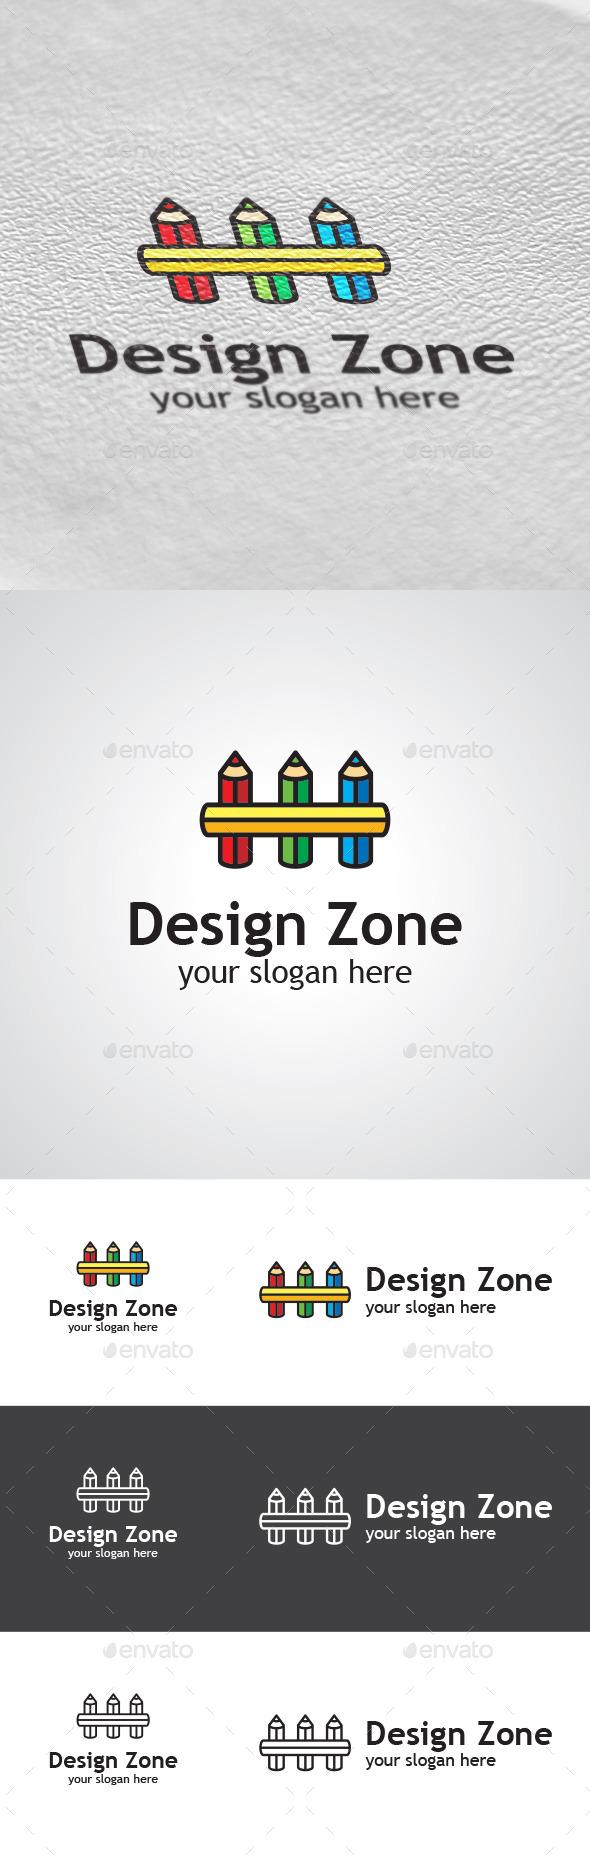 Design Zone Logo Design